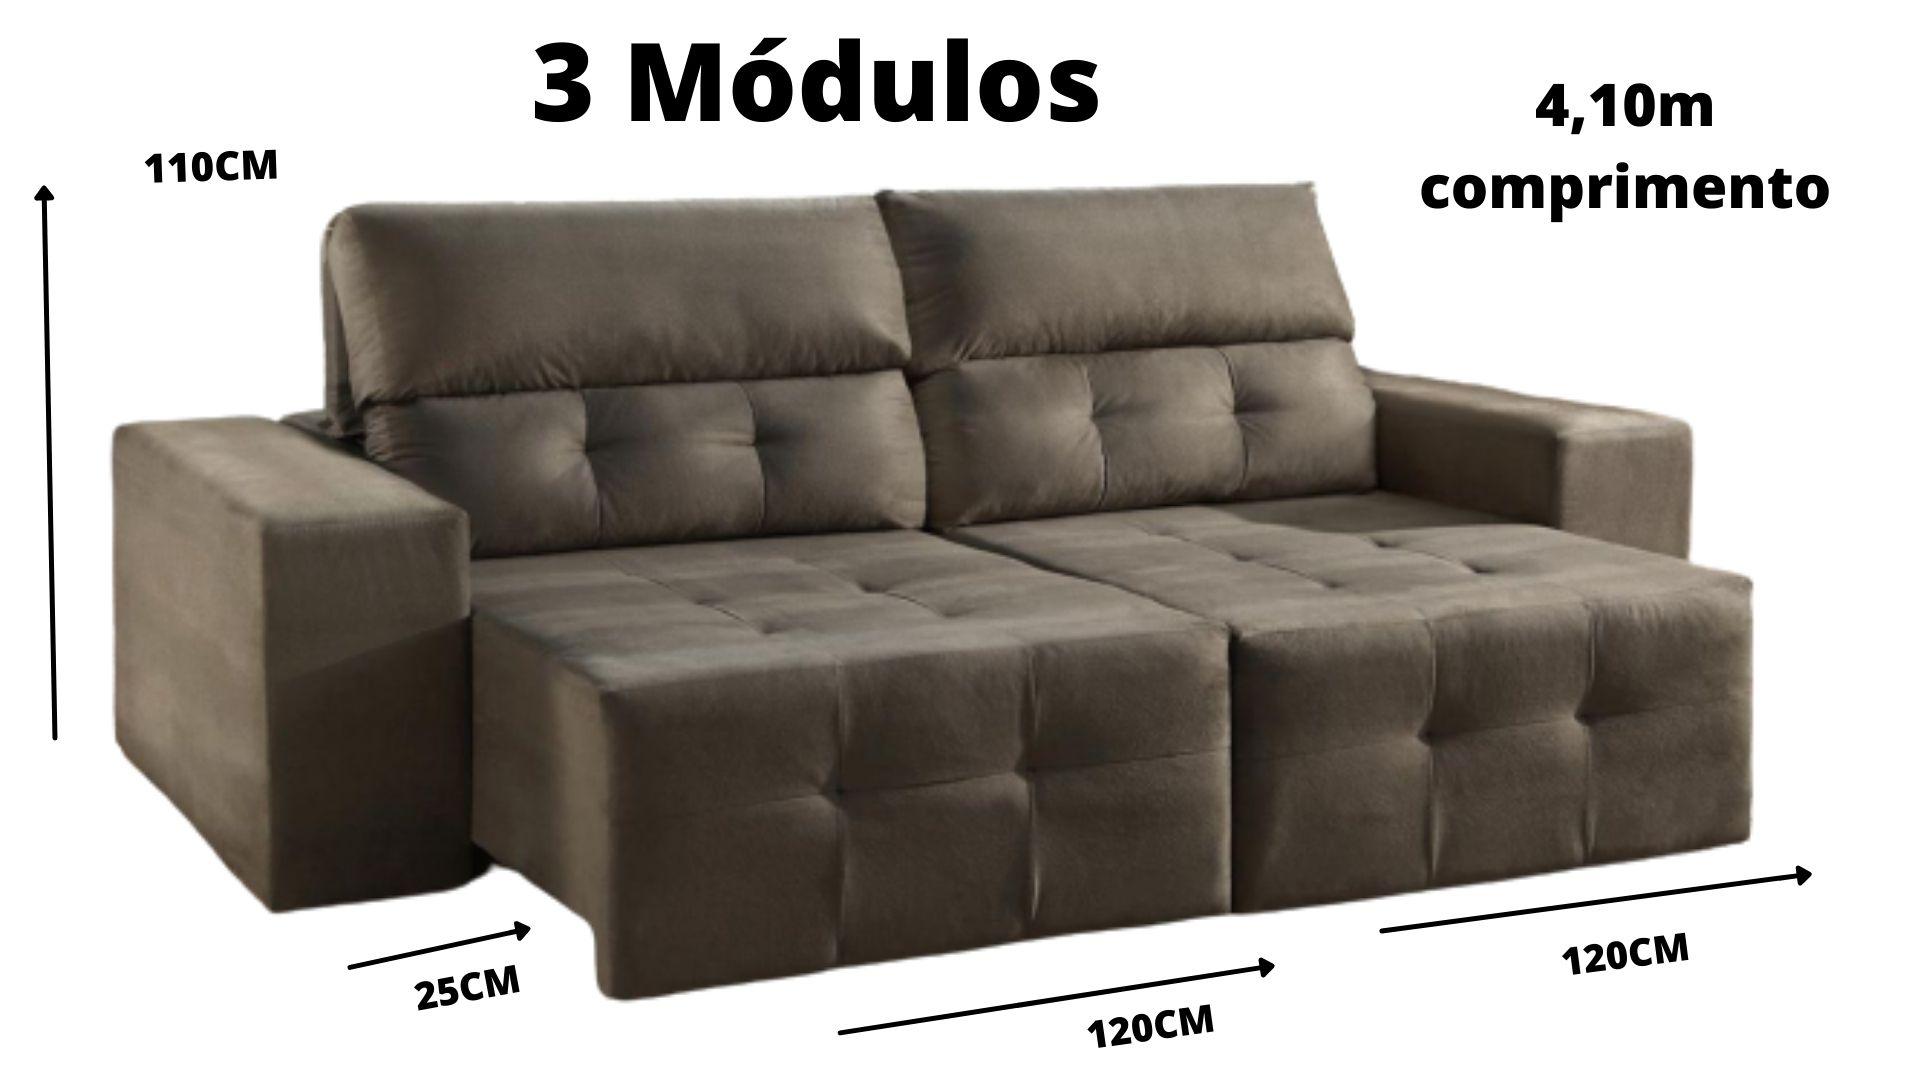 Sofá Retrátil e Reclinável 2 /3 Módulos Espanha